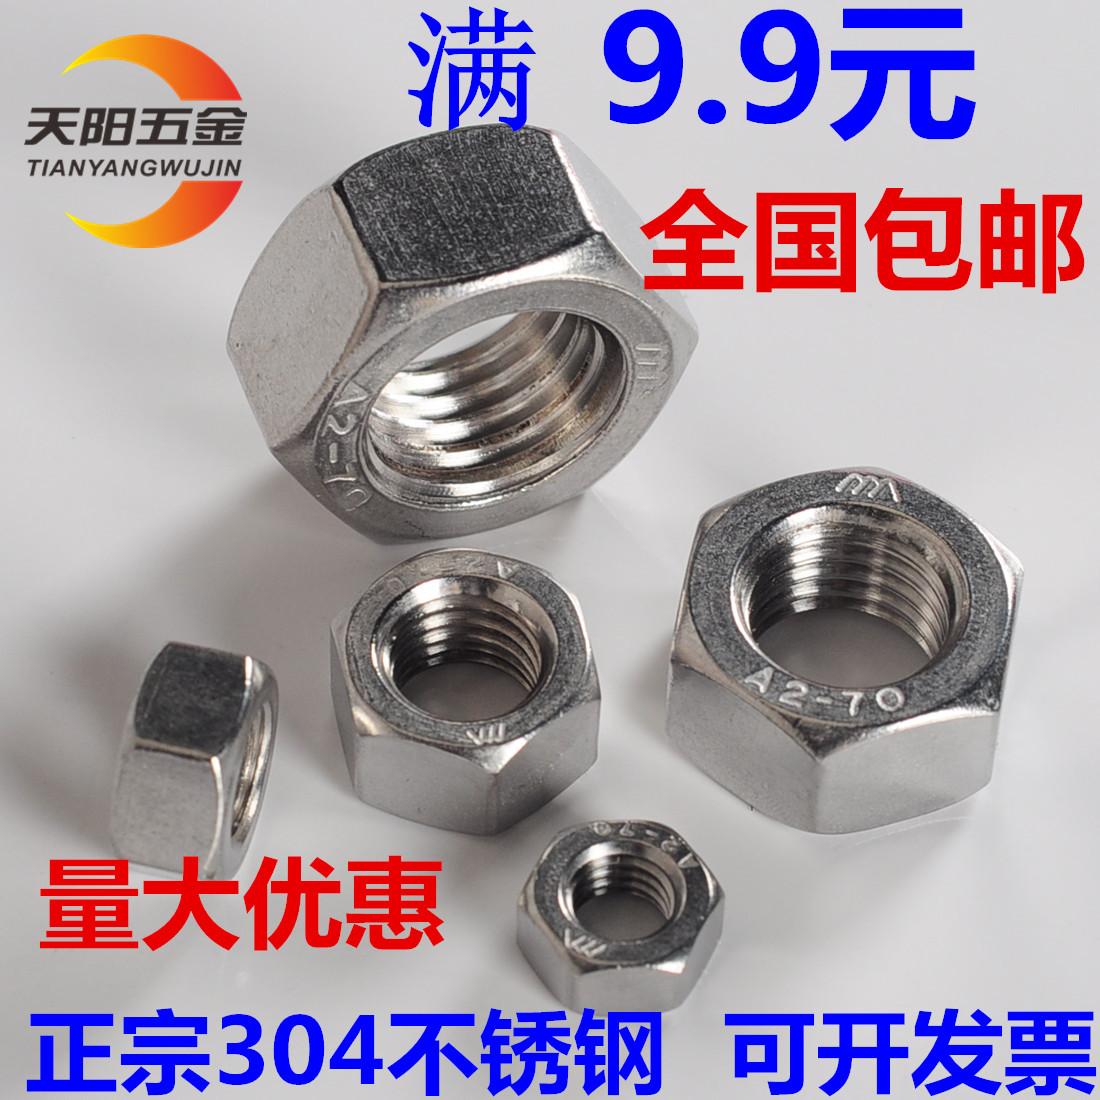 304不锈钢螺母 六角螺帽 螺丝帽M3M4M5M6M8M10M12M14M16M18M20M24